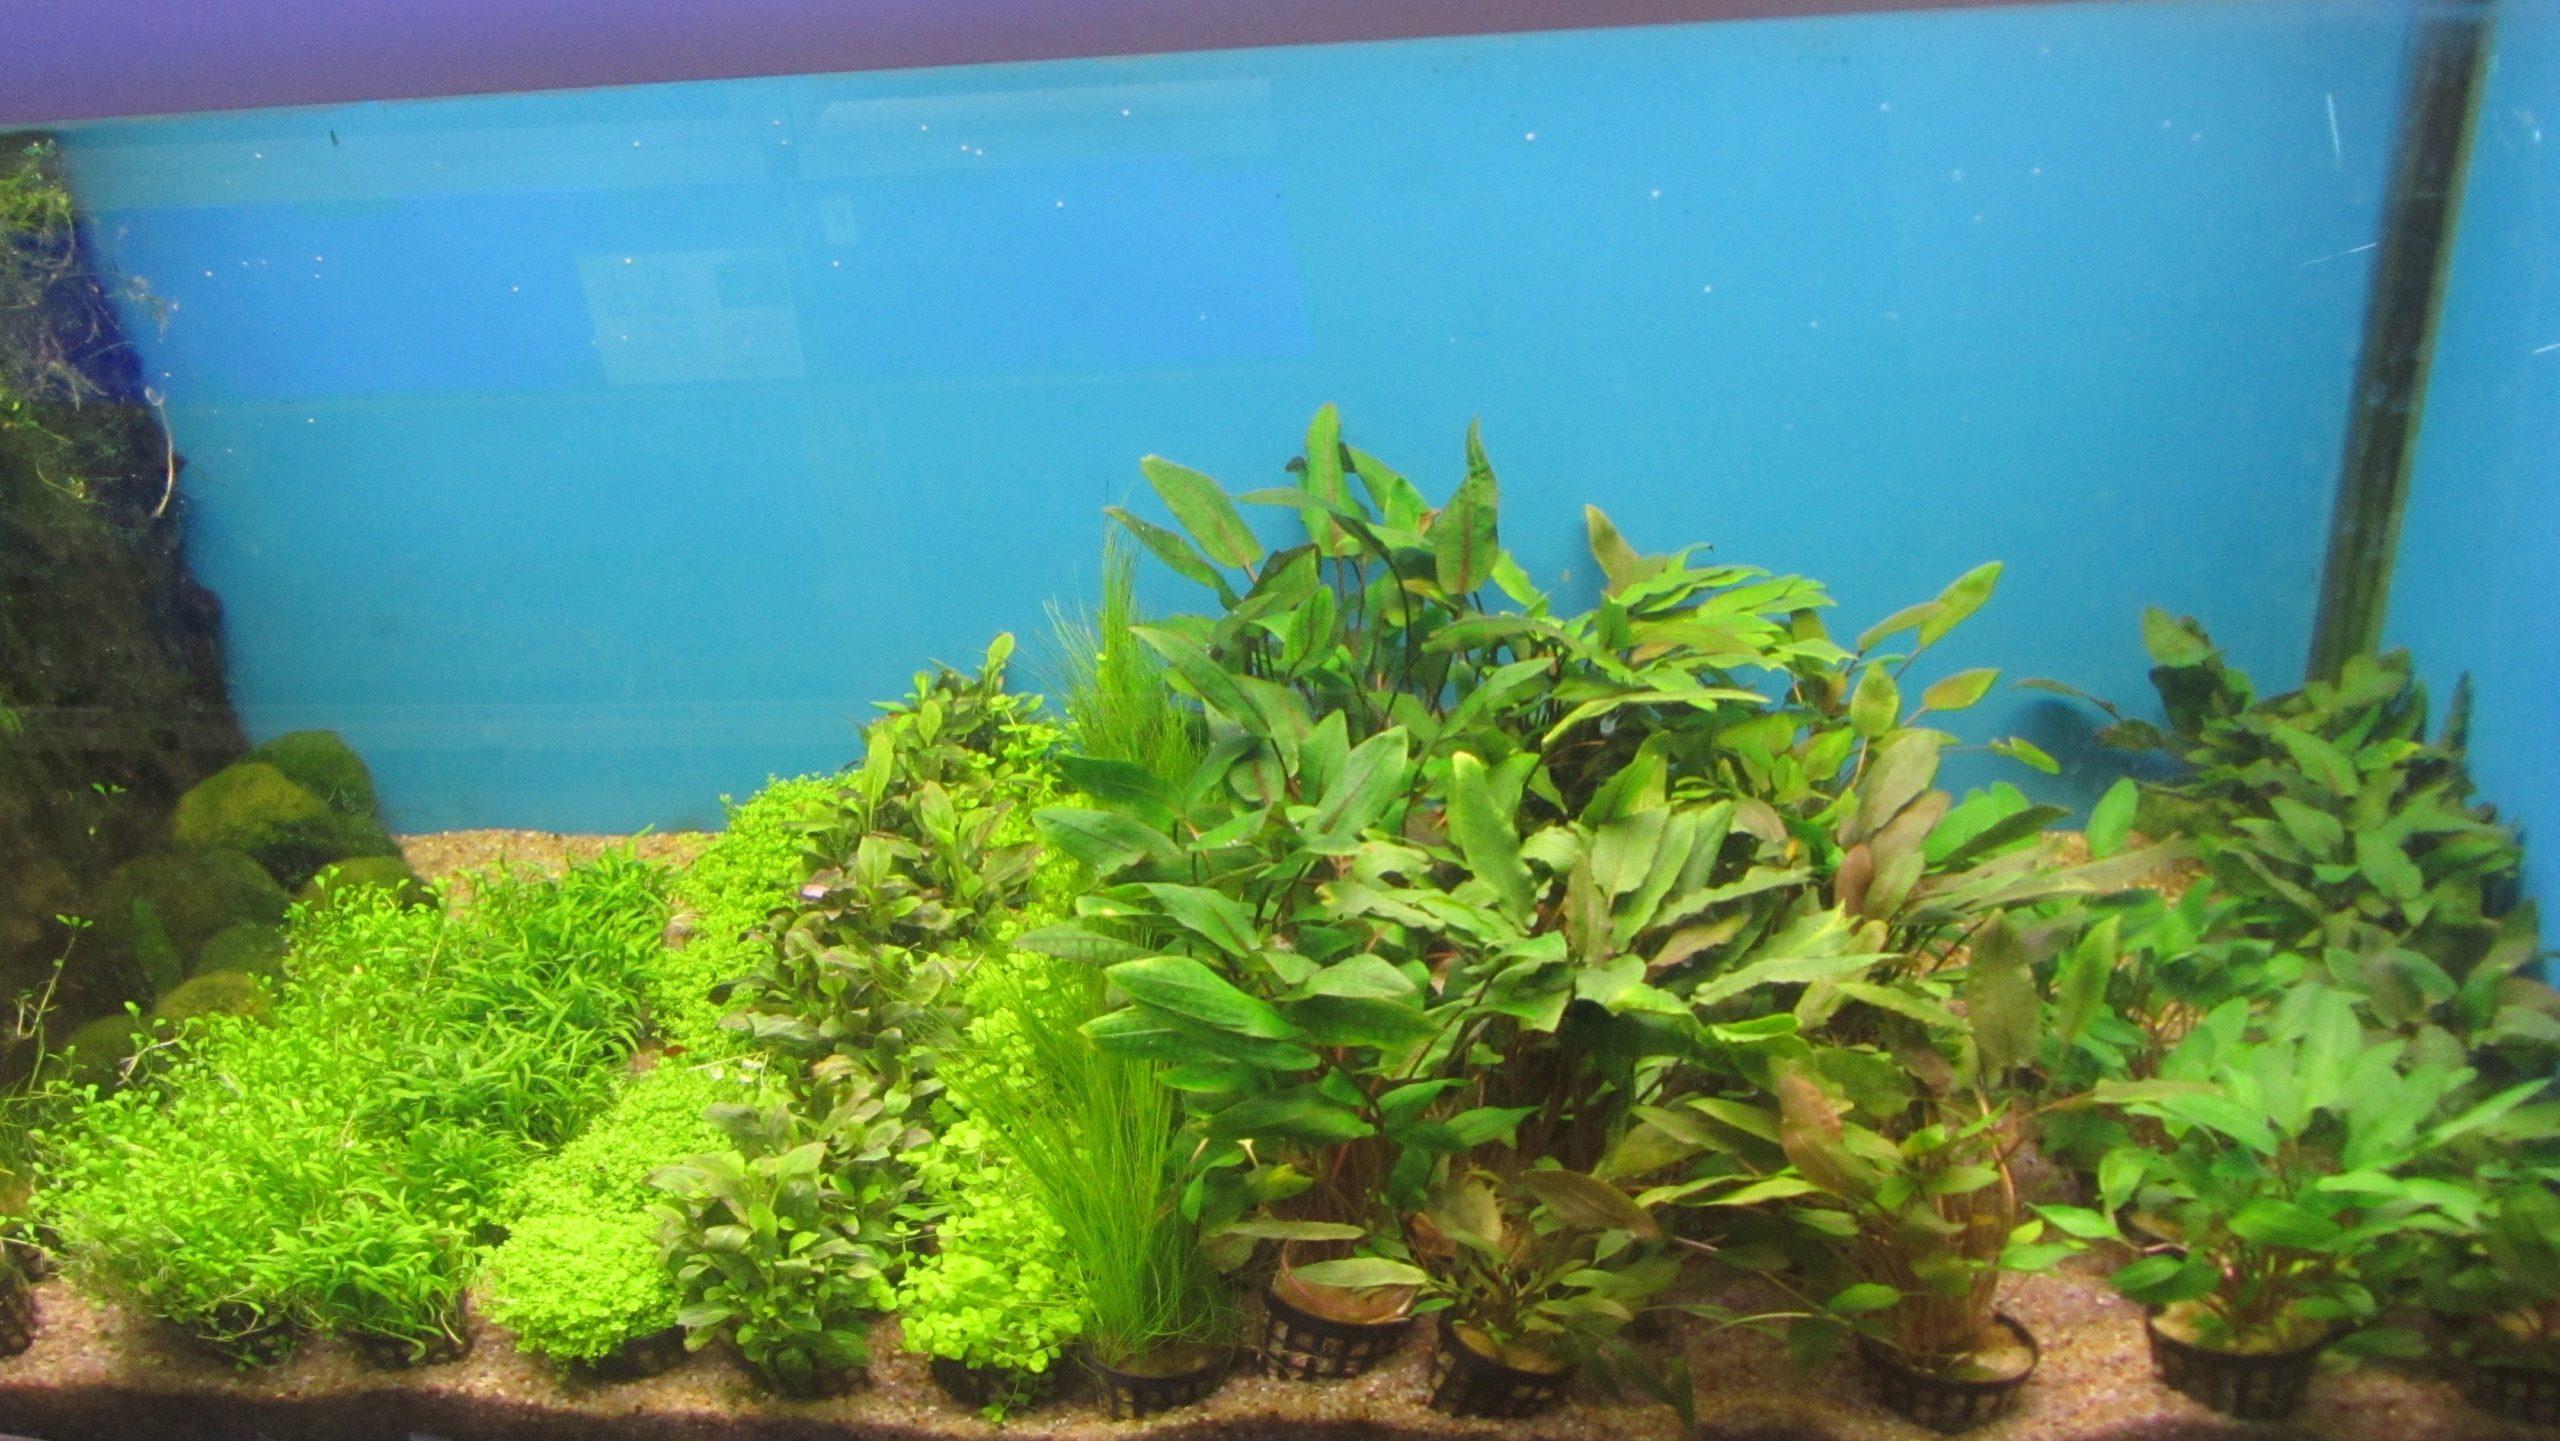 Plantepakke 2 består af 10 planter. høj, medium, lav